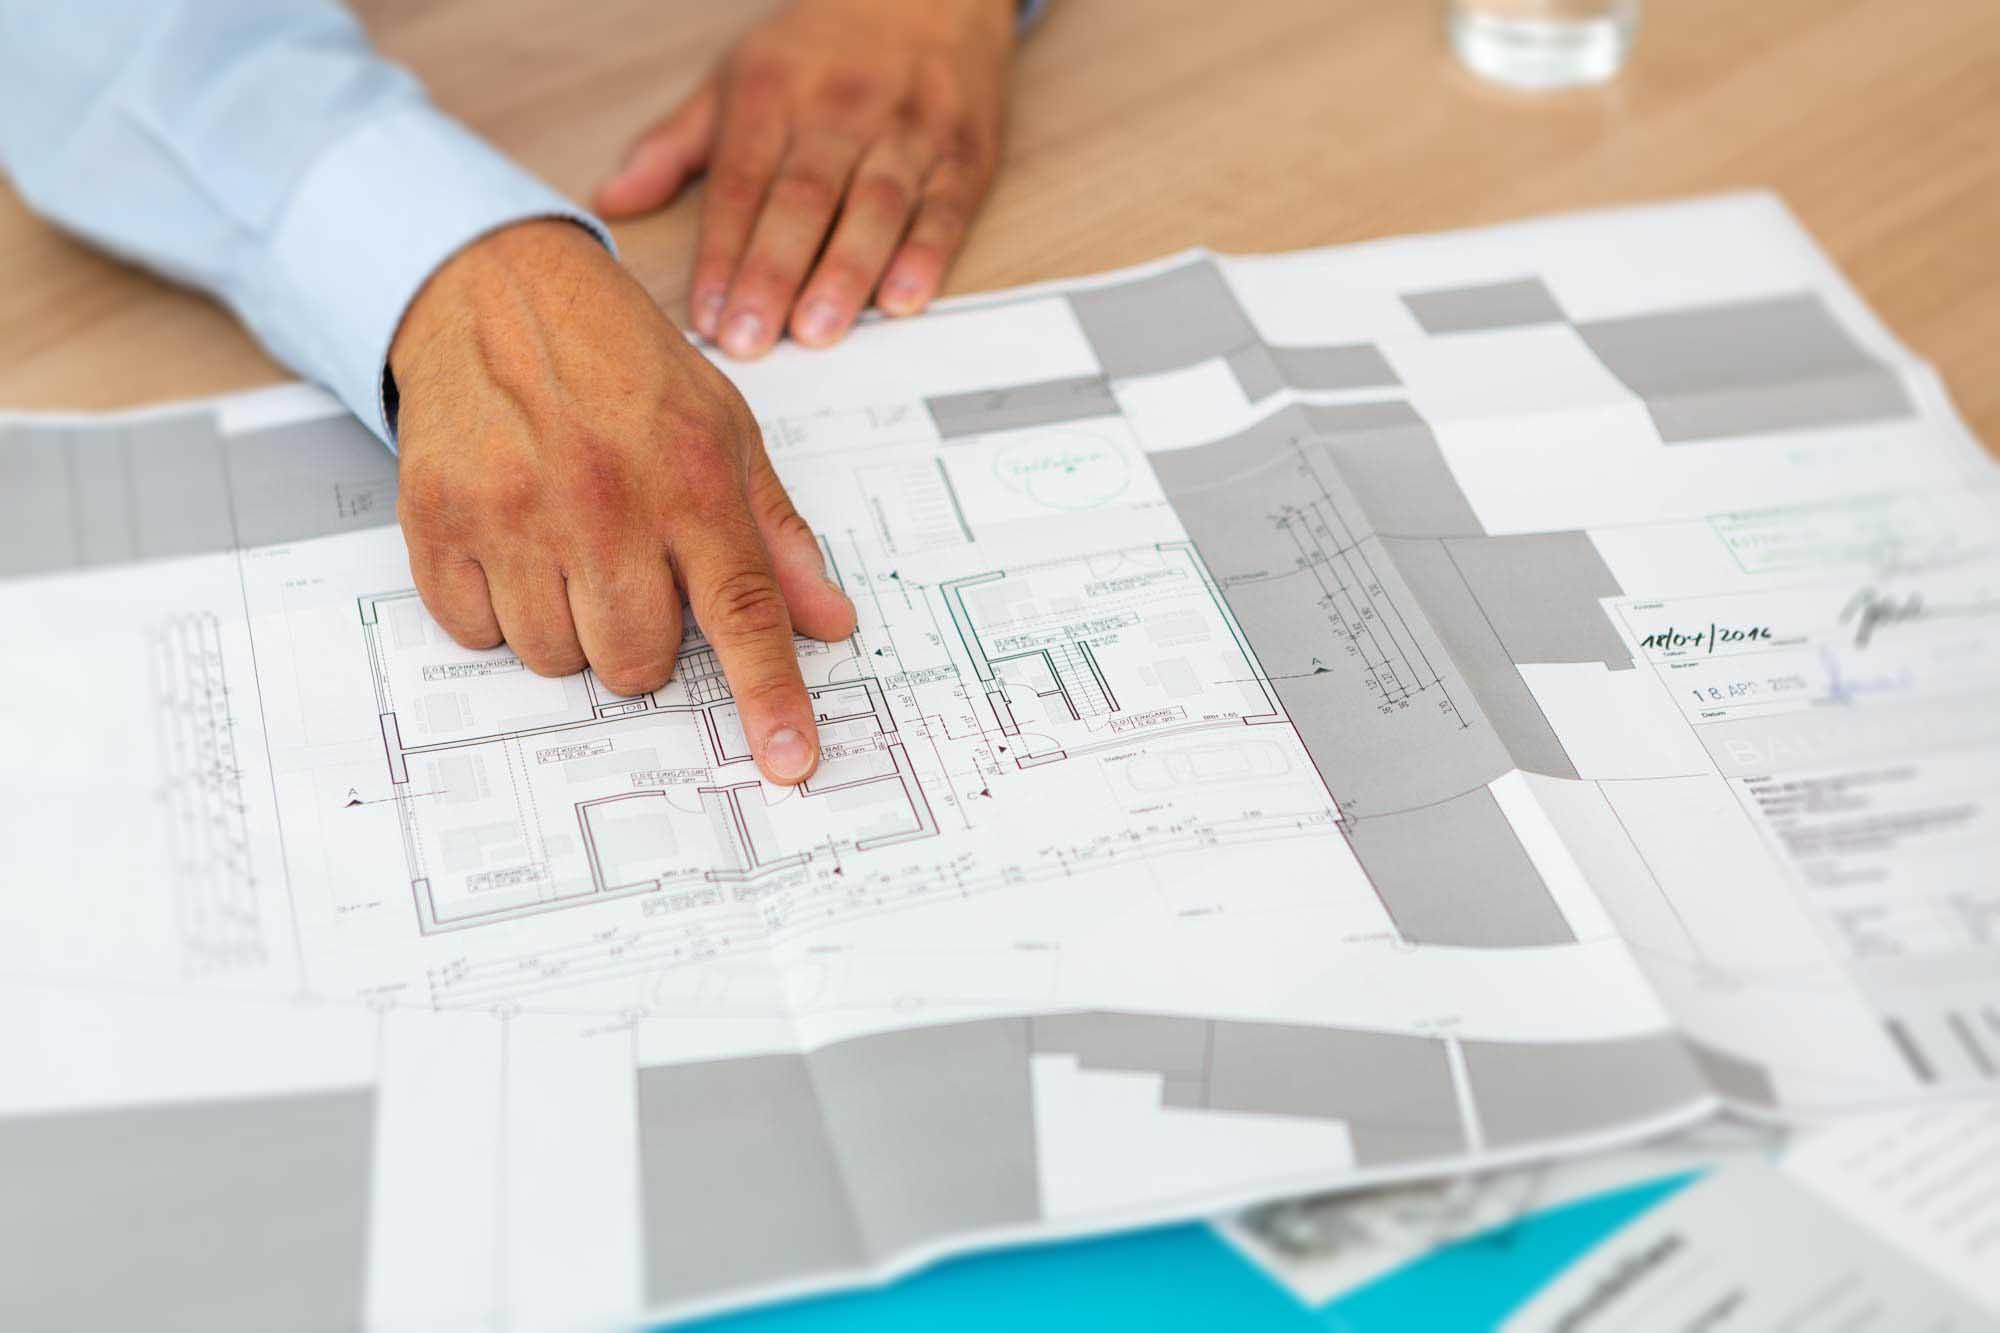 Die Pro-IM Management GmbH verfügt über vier Jahrzehnte Erfahrung rund um die Immobilie